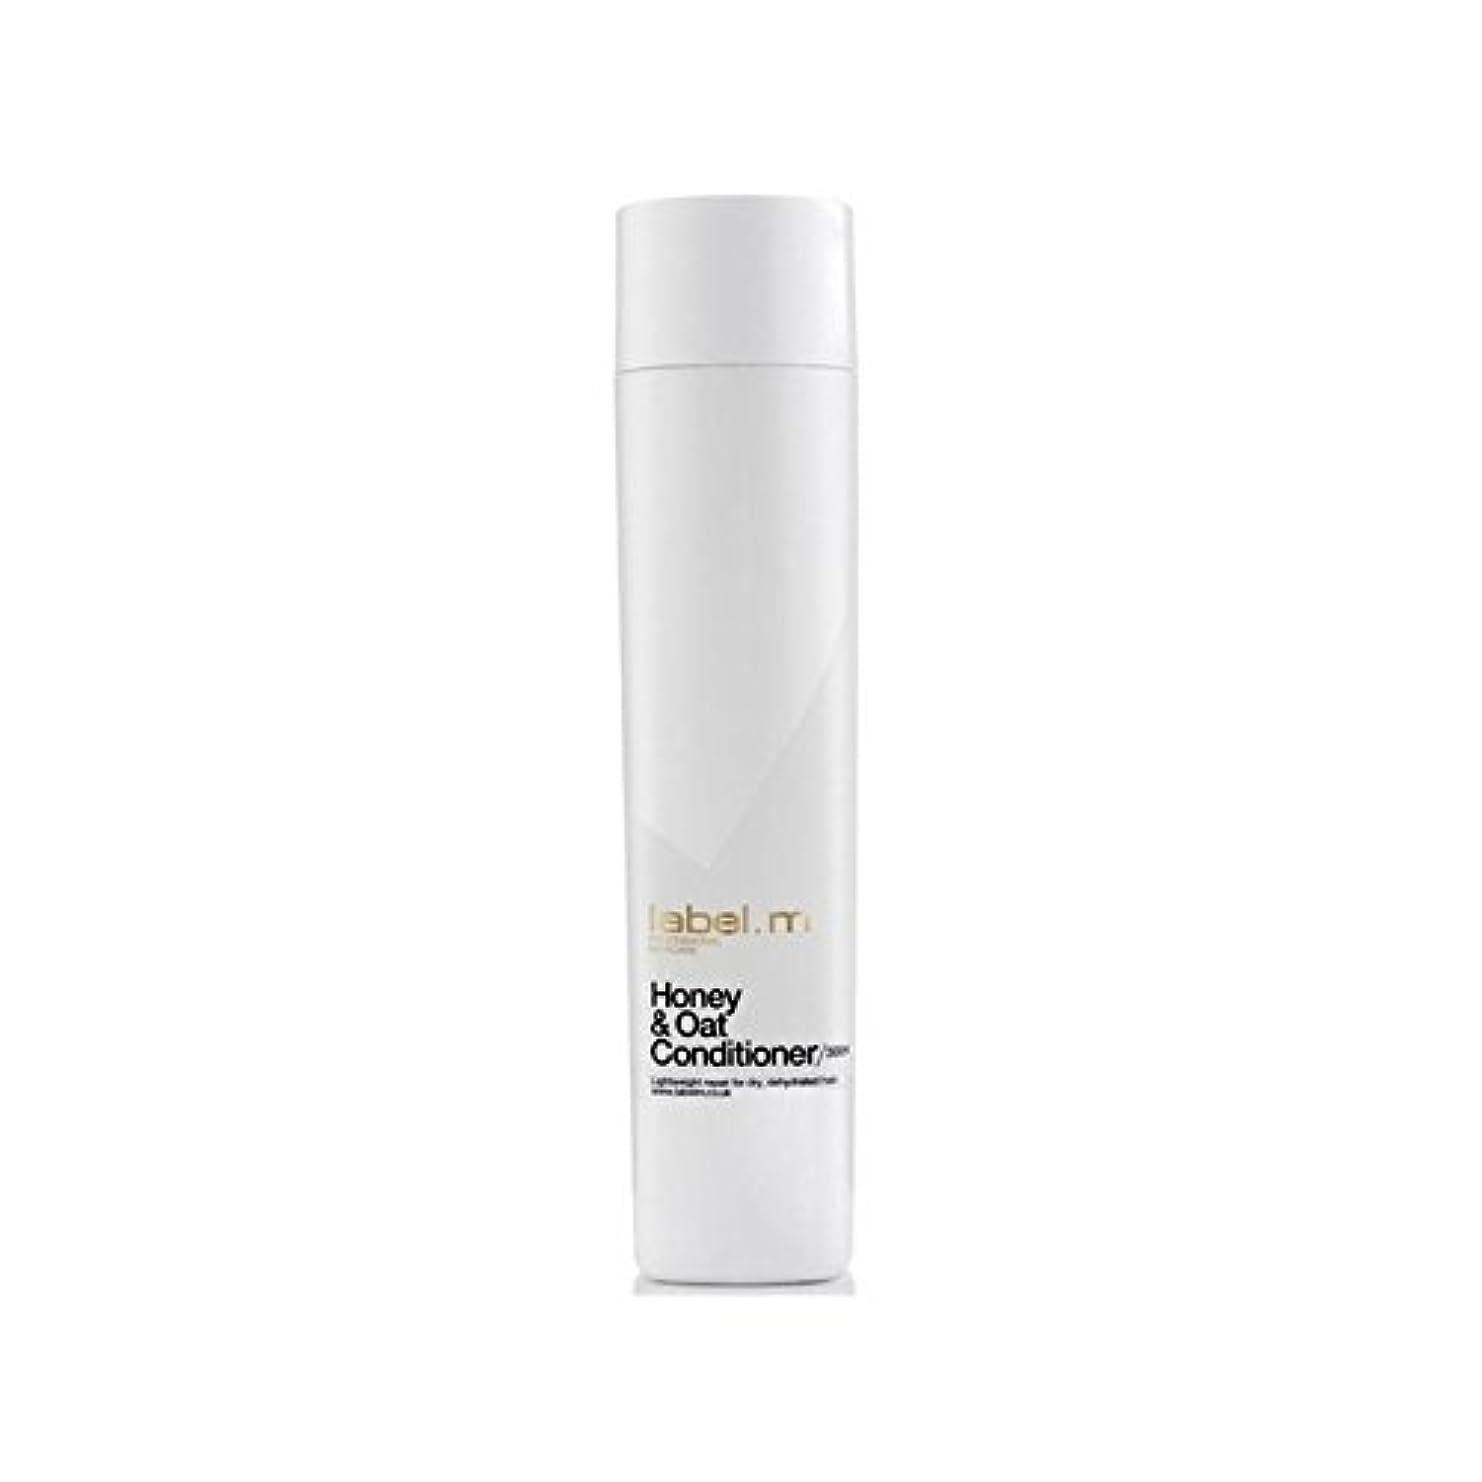 外観大胆レイアLabel.M Honey & Oat Conditioner (300ml) - .ハニー&オーツ麦コンディショナー(300ミリリットル) [並行輸入品]